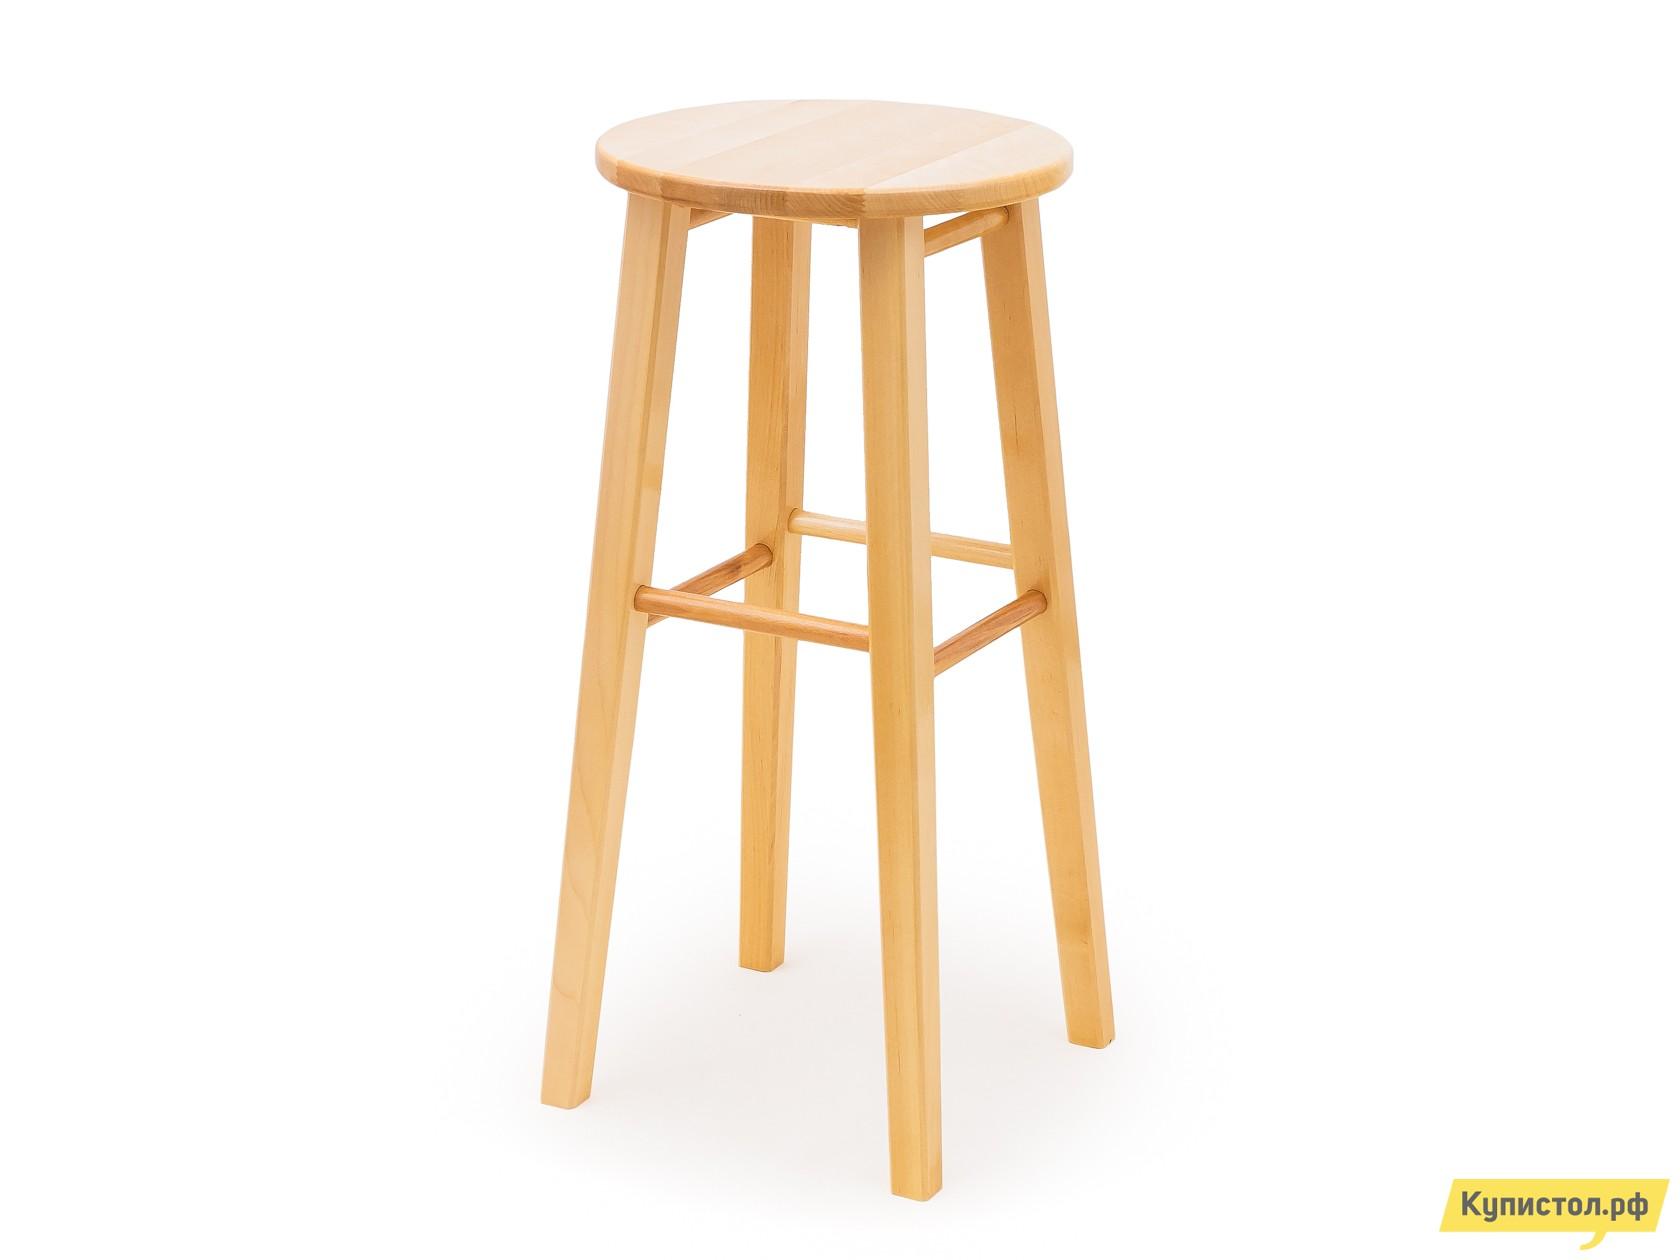 Барный стул СМКА КМ023Б Береза